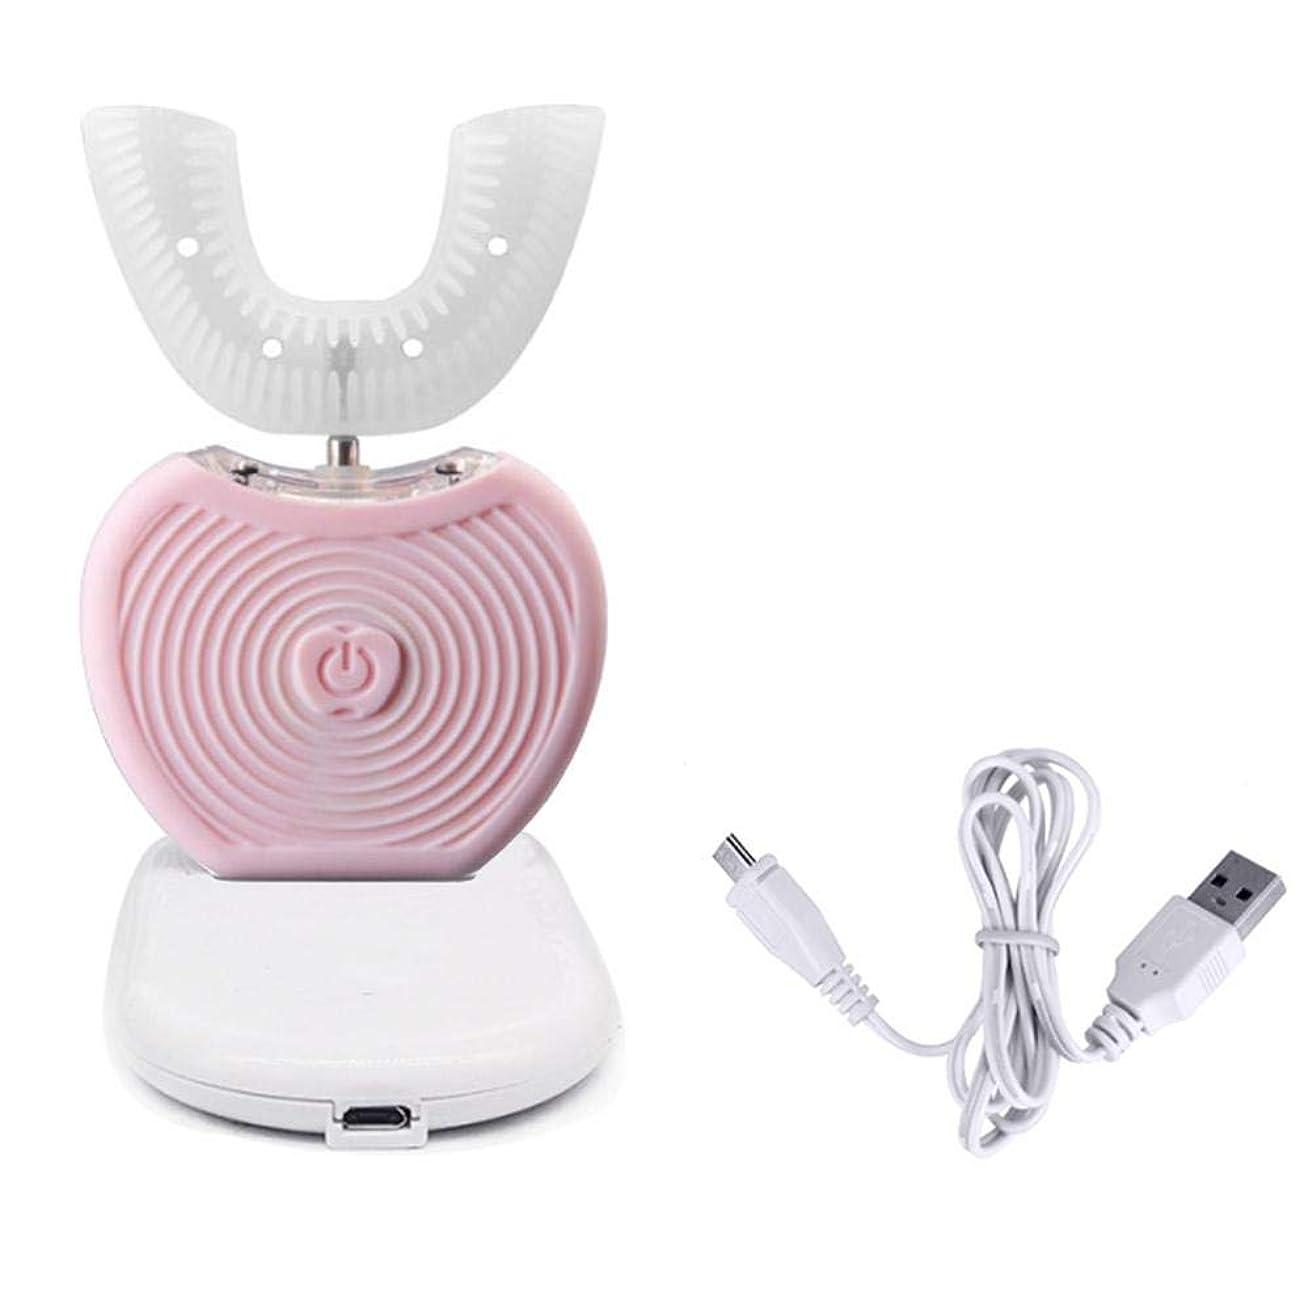 起こる同様に先見の明PUERI 電動歯ブラシ 全自動360°電動歯ブラシ USBポータブルインテリジェントフルオート可変周波数 冷光白色化装置自動歯ブラシ